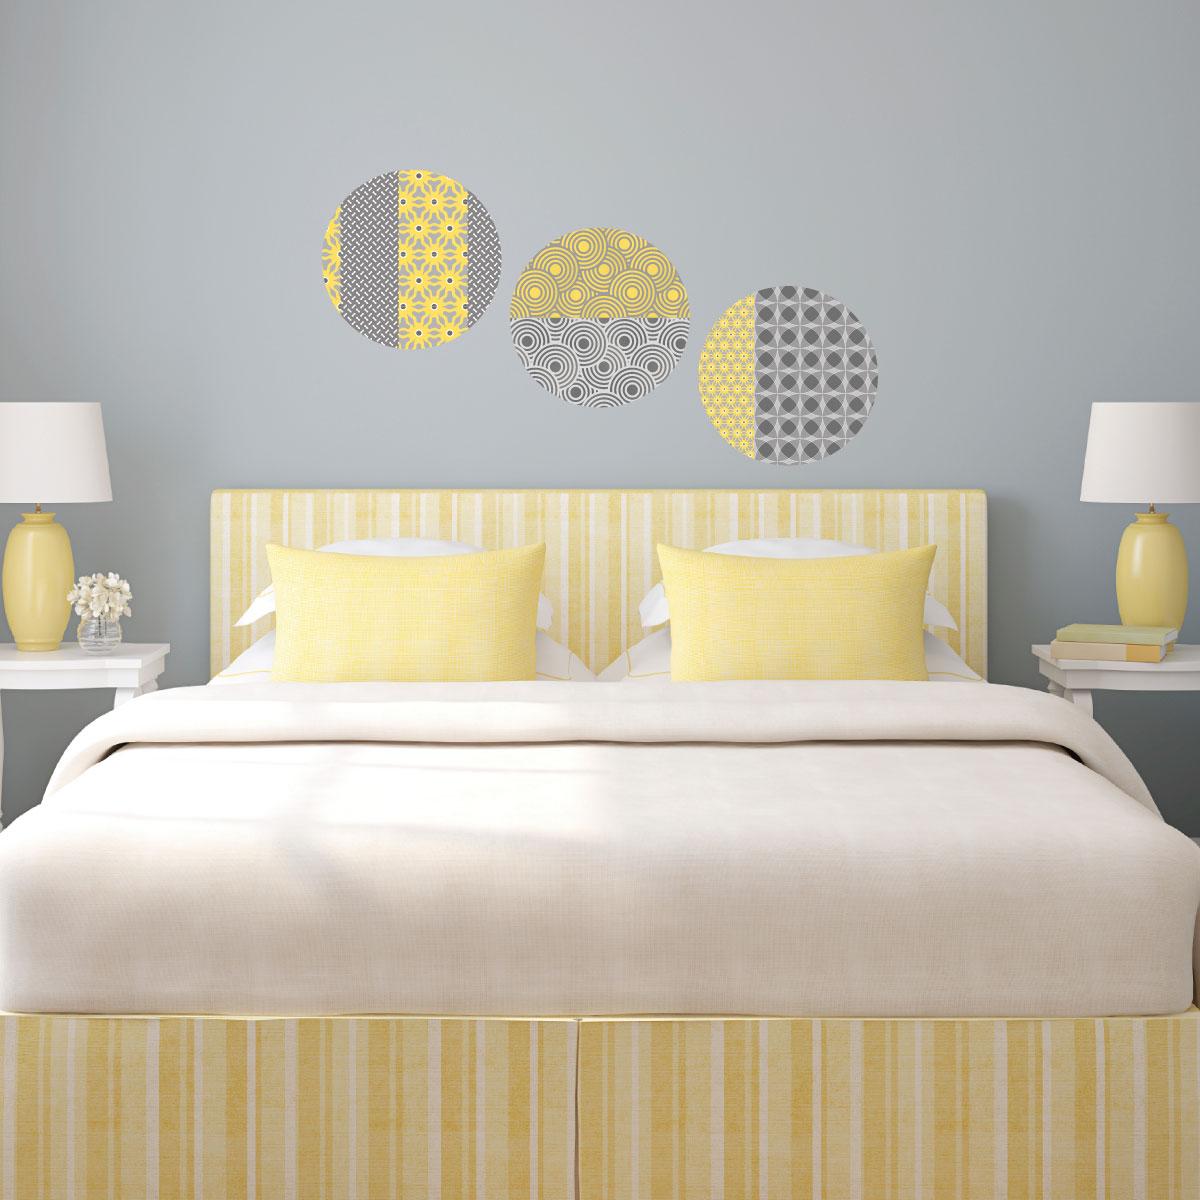 sticker 3 ronds d coratifs jaune et gris stickers art et. Black Bedroom Furniture Sets. Home Design Ideas